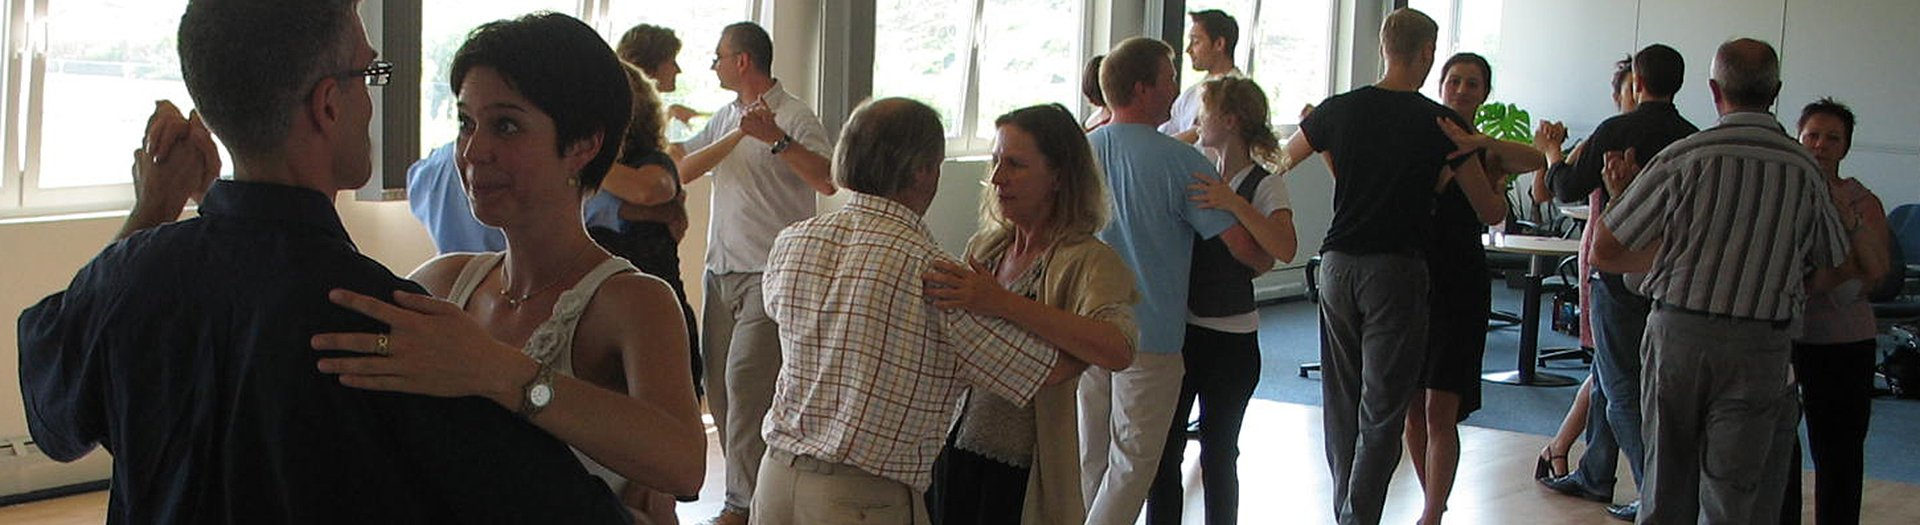 Vild med dans for alle nørgaards højskole glæde motion humør bevægelse 7